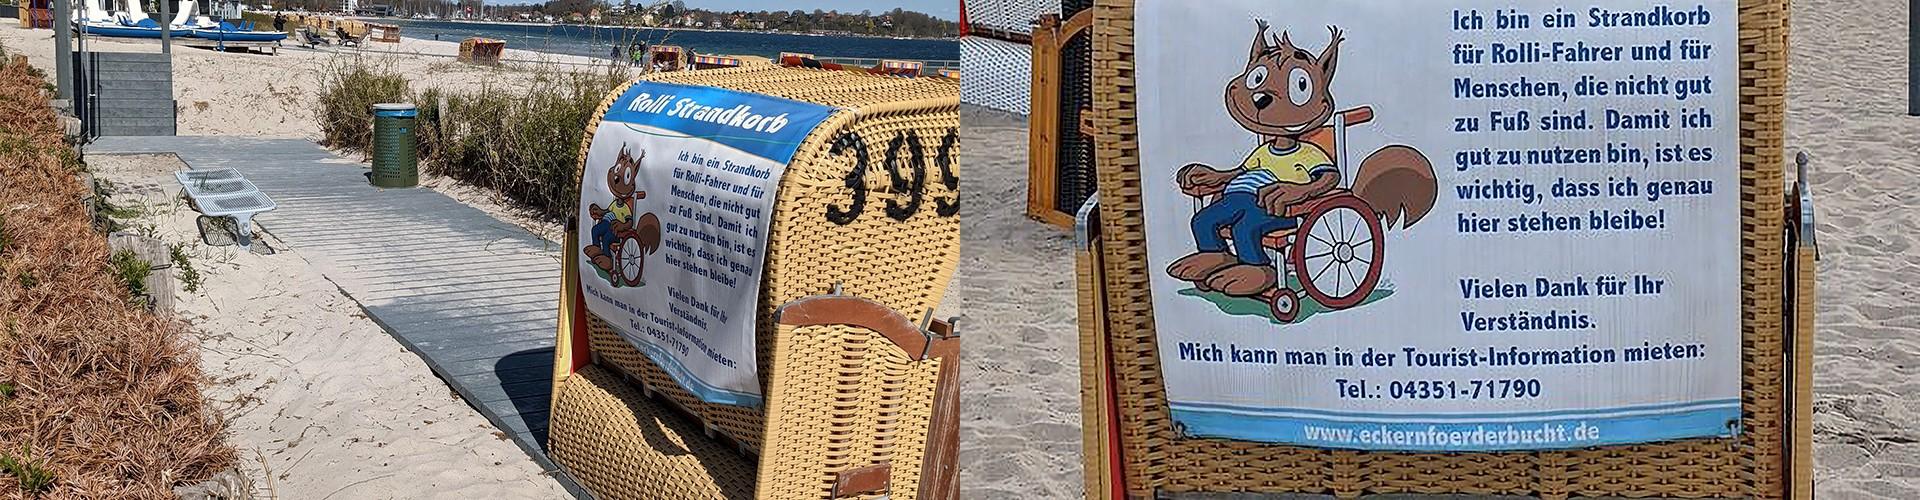 Linkes Bild, ein Mattenweg führt auf Sandstrand zu einem Strandkorb, im Hintegrund das Meer. Rechts eine Nahaufnahme des Strandkorbes mit einem Plakat, das erklärt: Für Rollstuhlfahrer und Menschen die nicht gut zu Fuß sind.